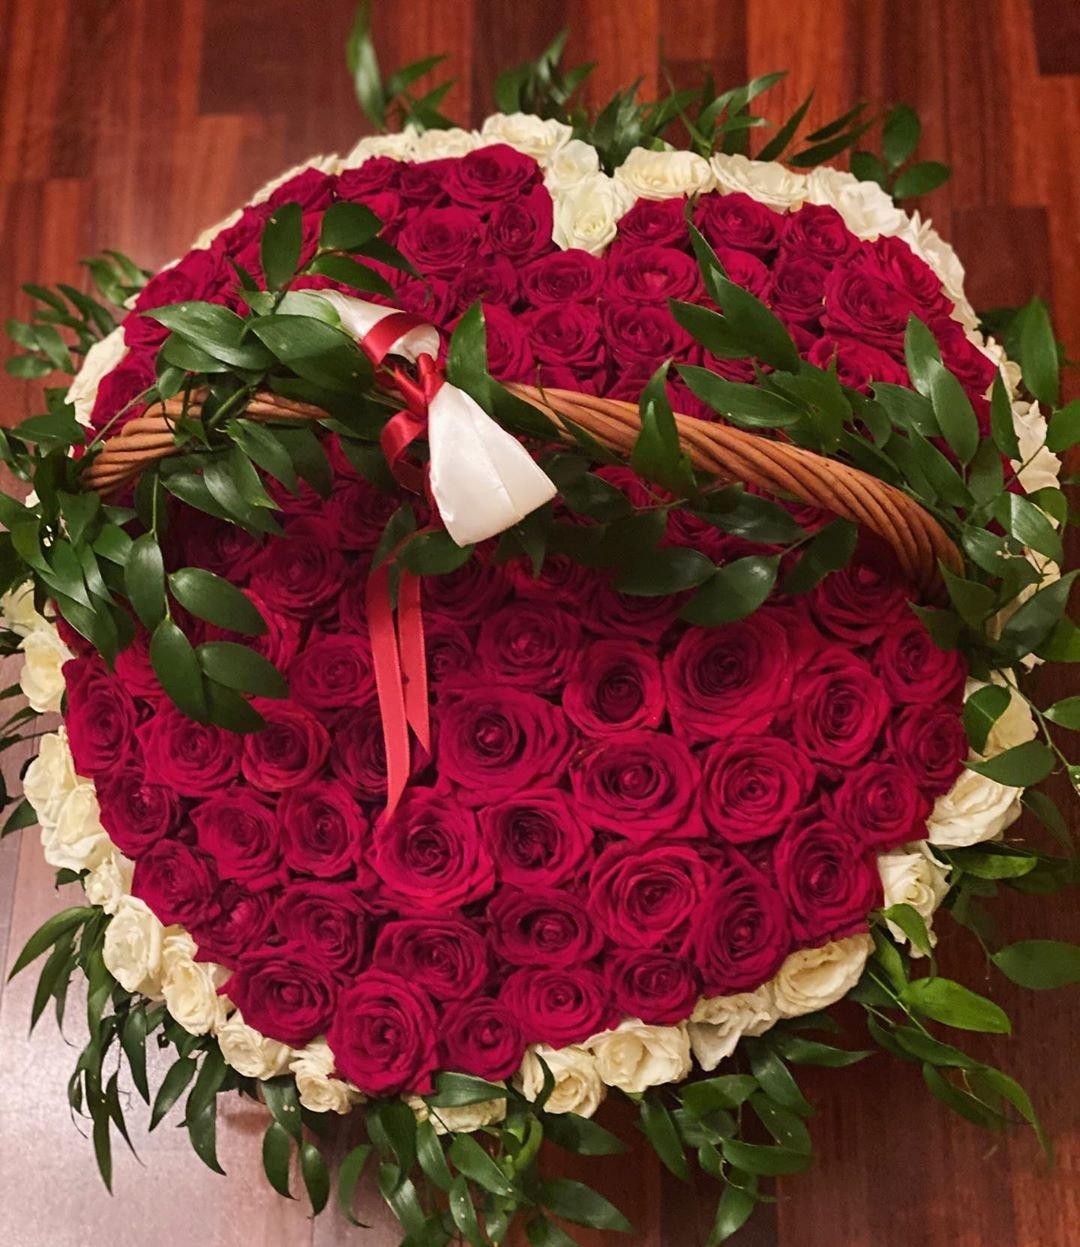 Виктория Боня похвасталась подарком на 14 февраля от возлюбленного